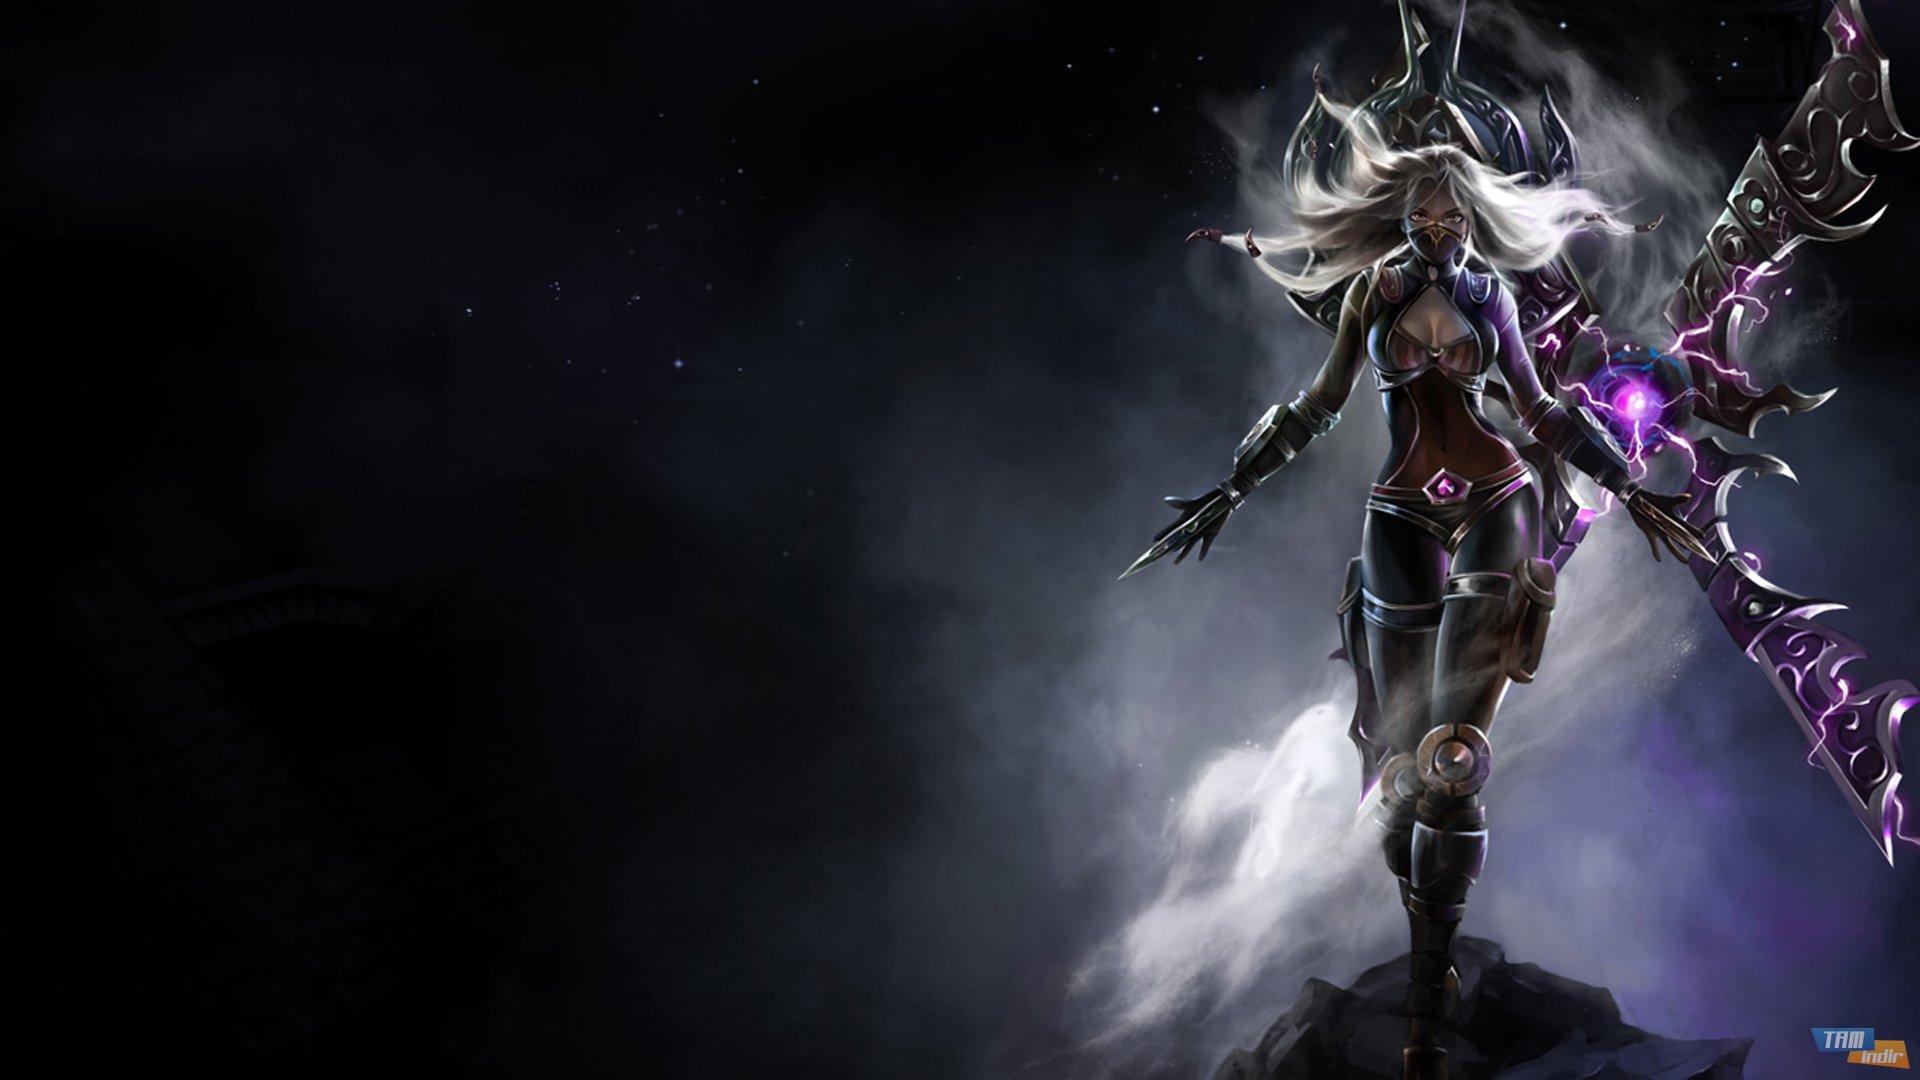 League Of Legends Wallpaper Indir League Of Legends Duvar